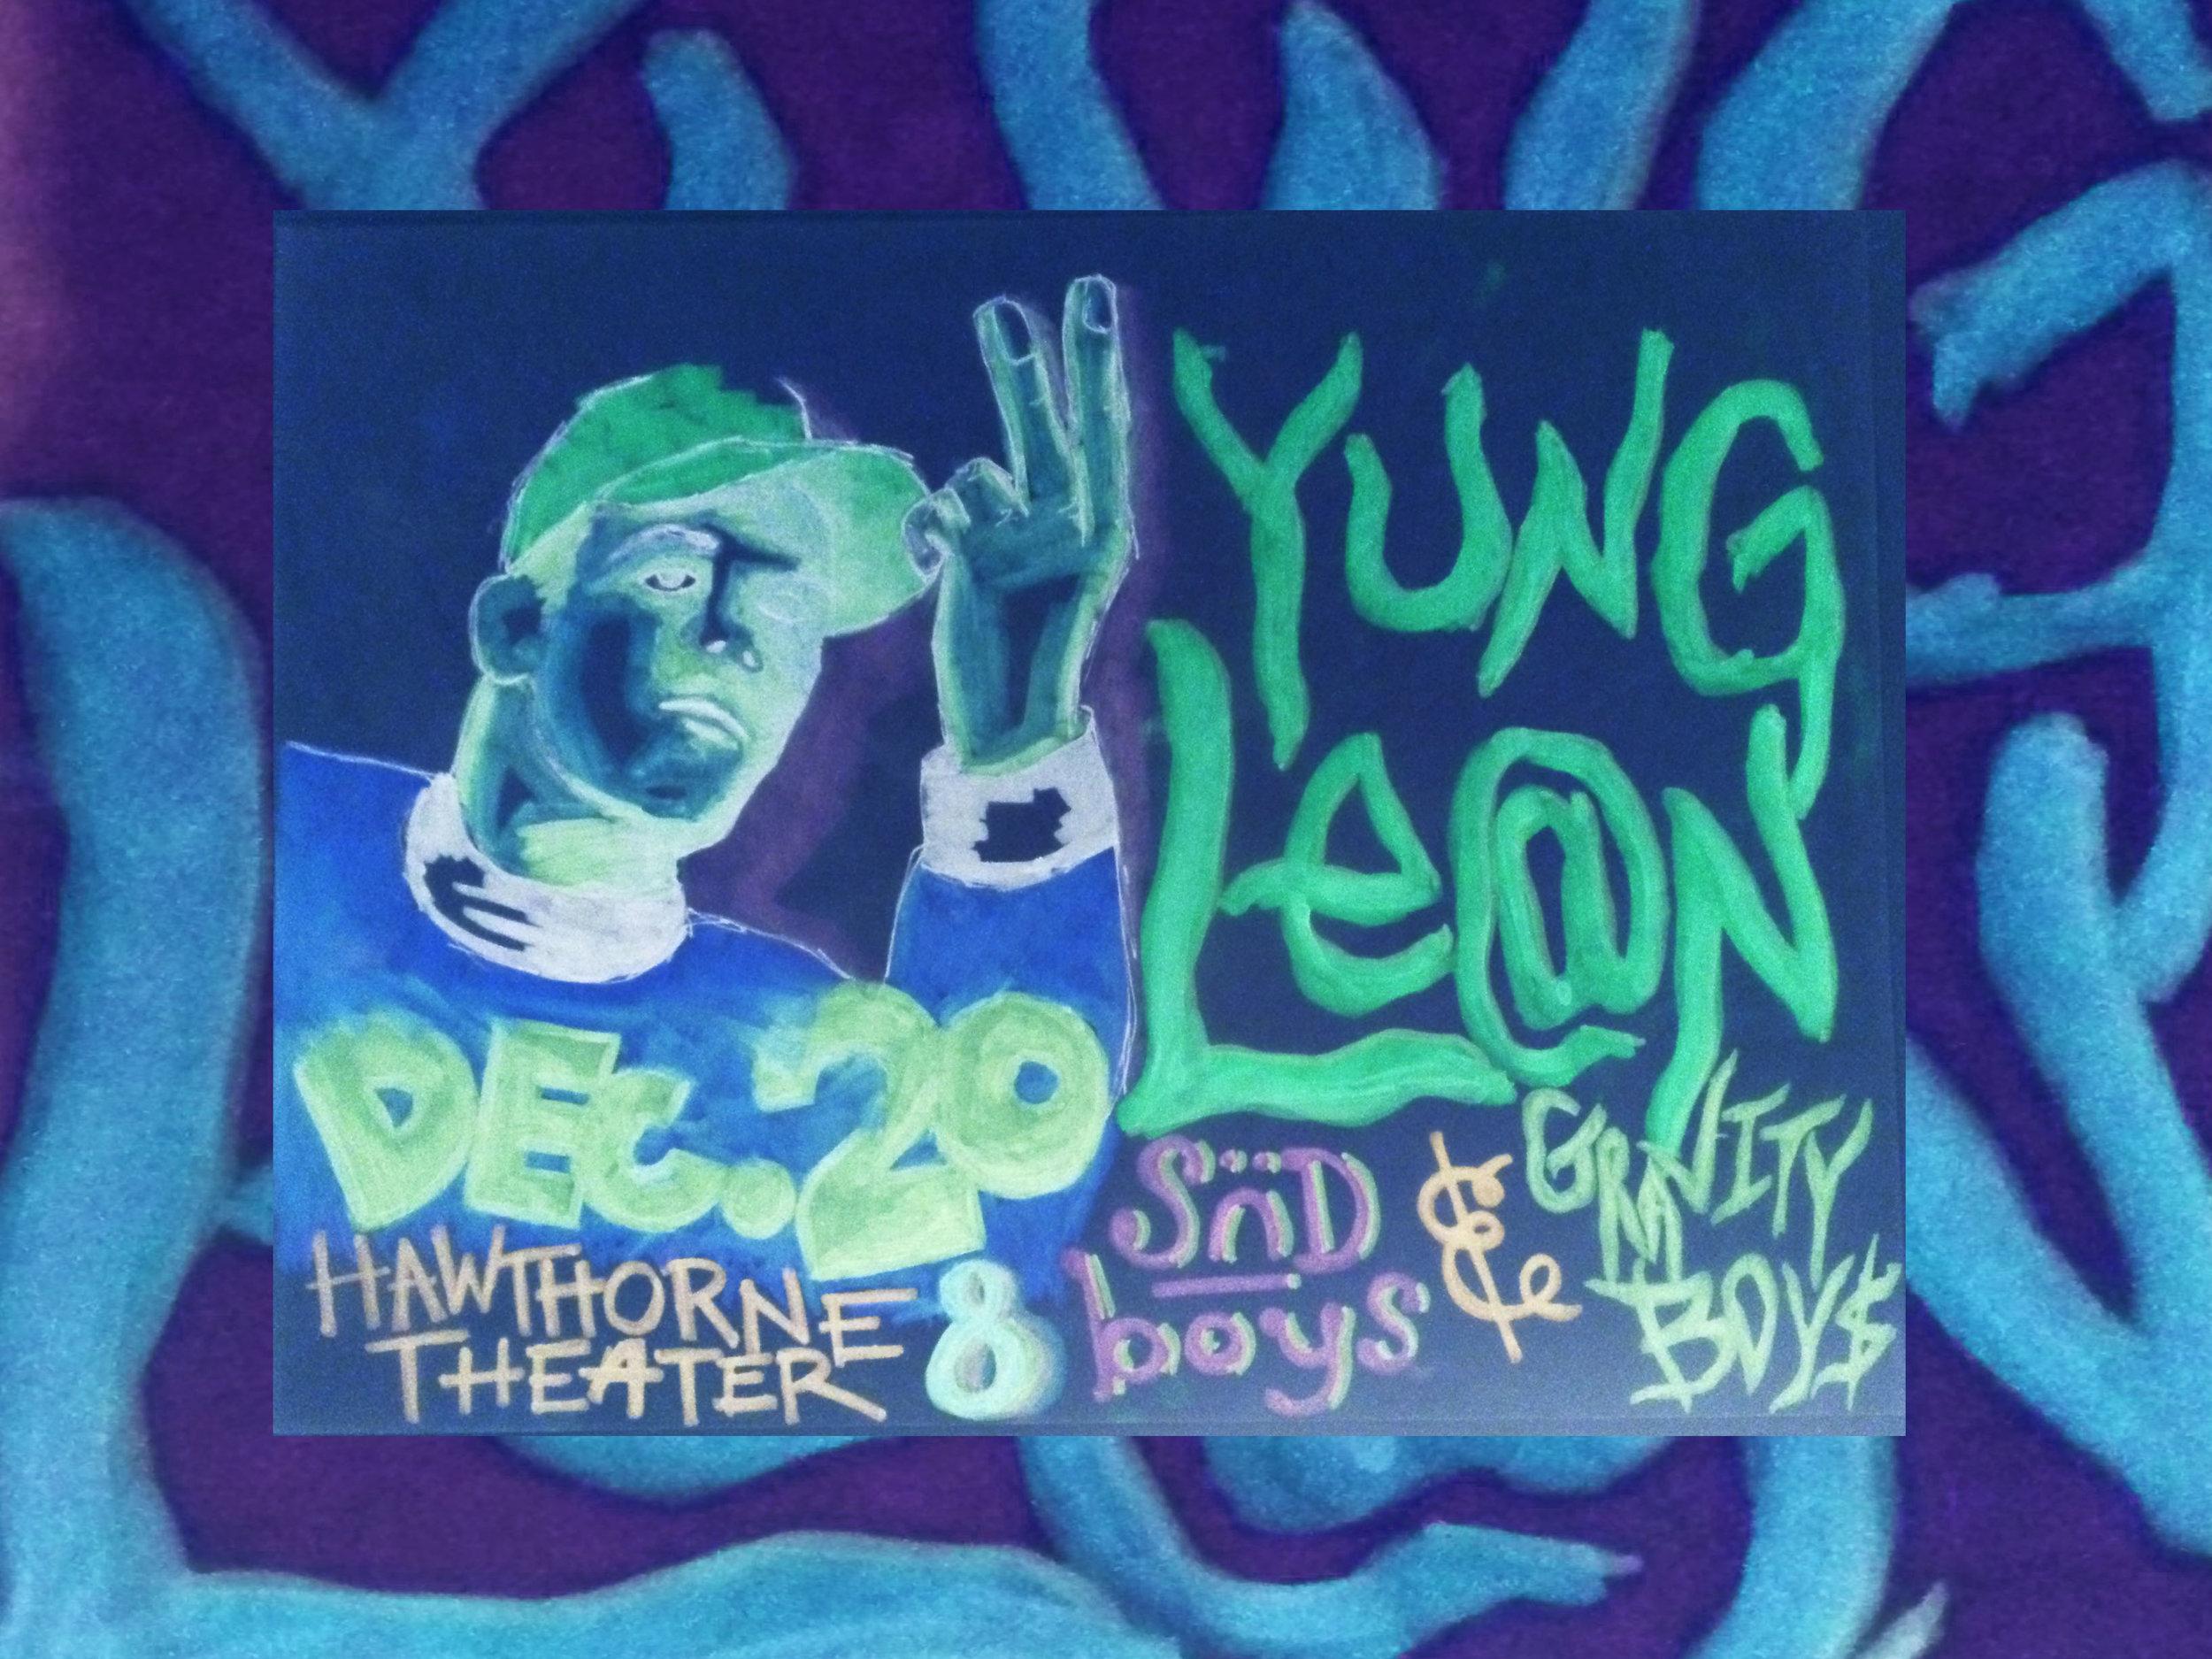 yung lean hawthorne